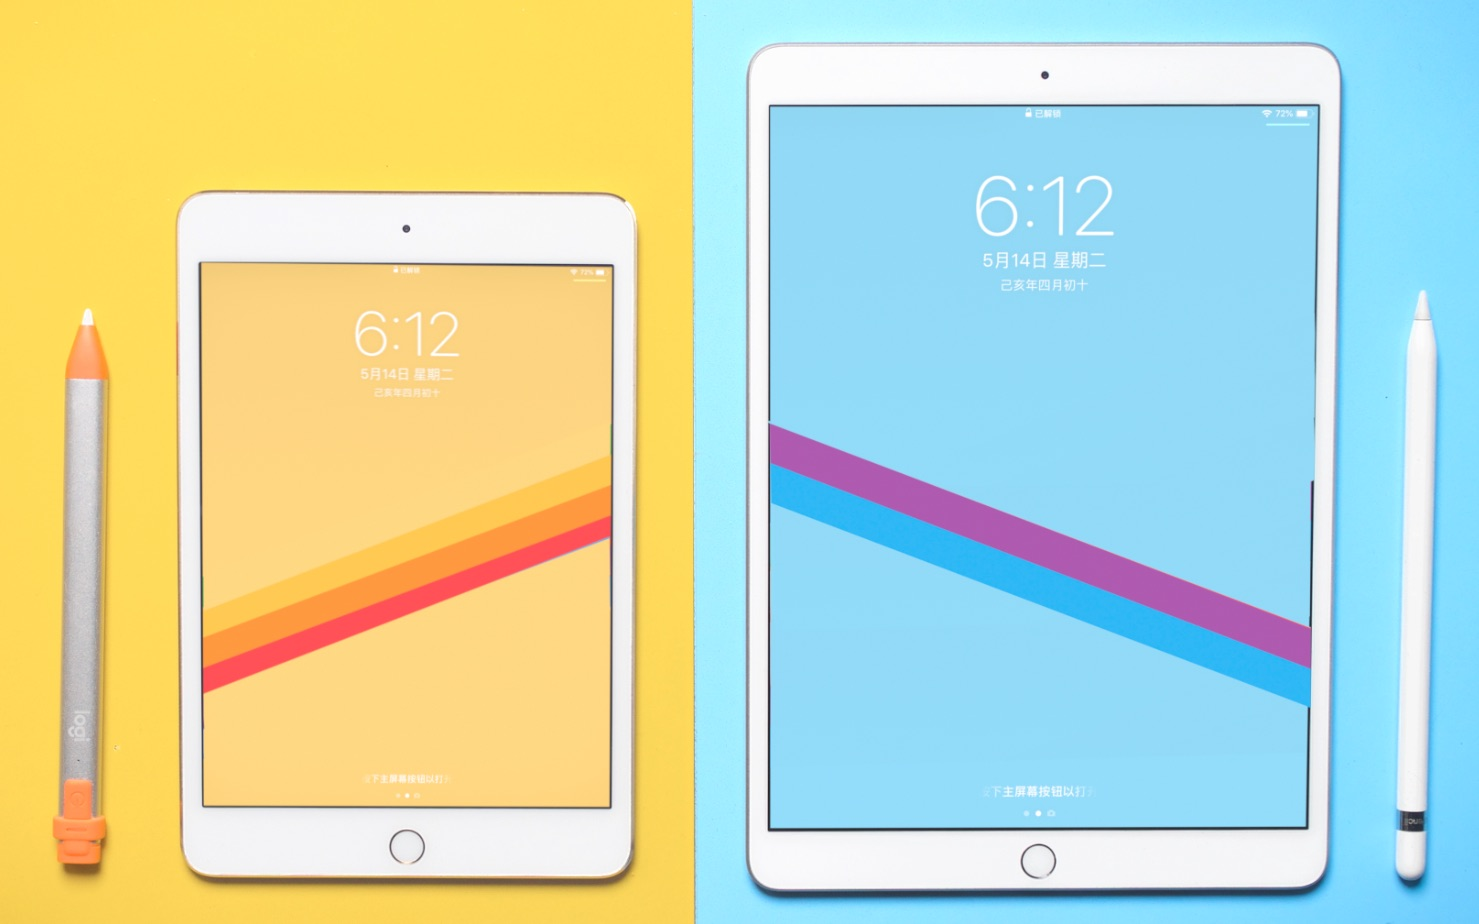 【何同学】哪款适合你?iPad mini 5和iPad Air 3深度体验